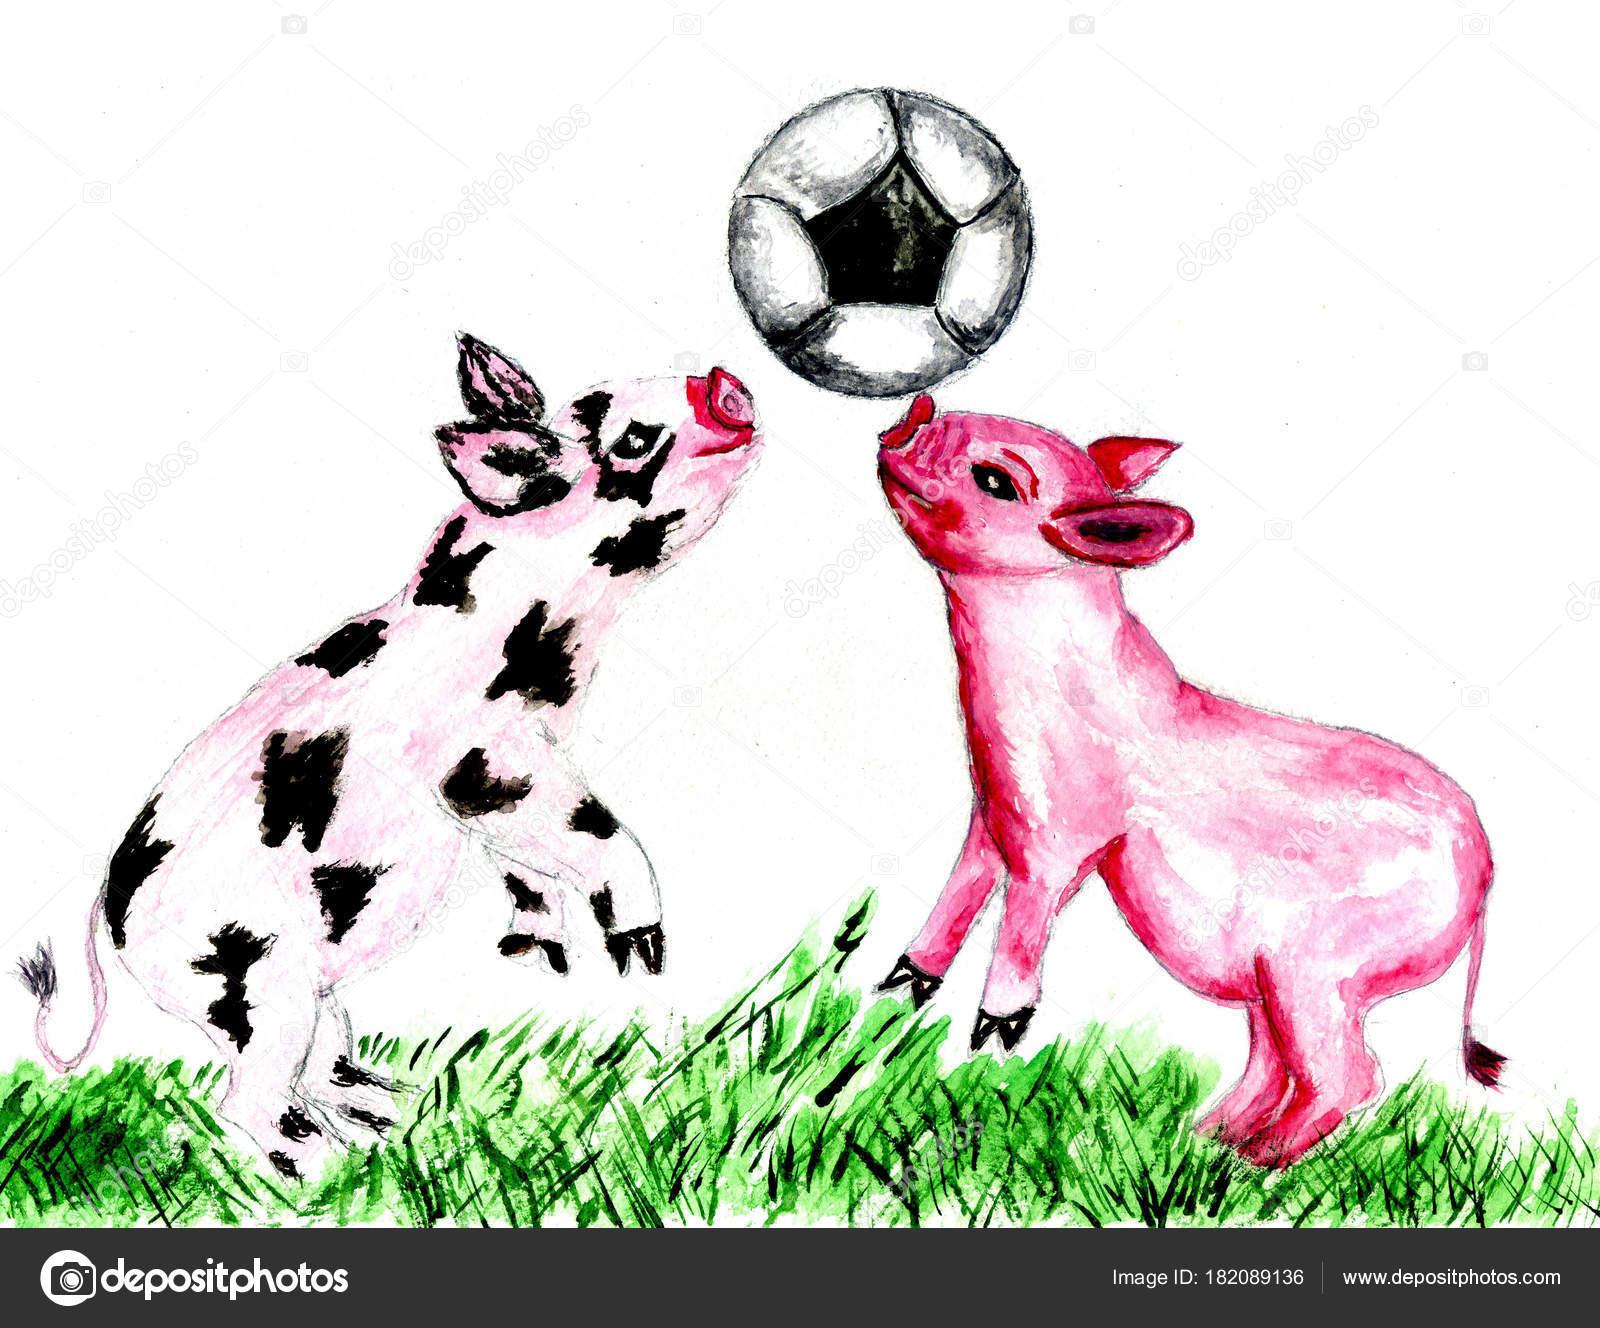 Ilustración Dibujos Animados Lindo Cerdo Pintado Acuarelas Fotos